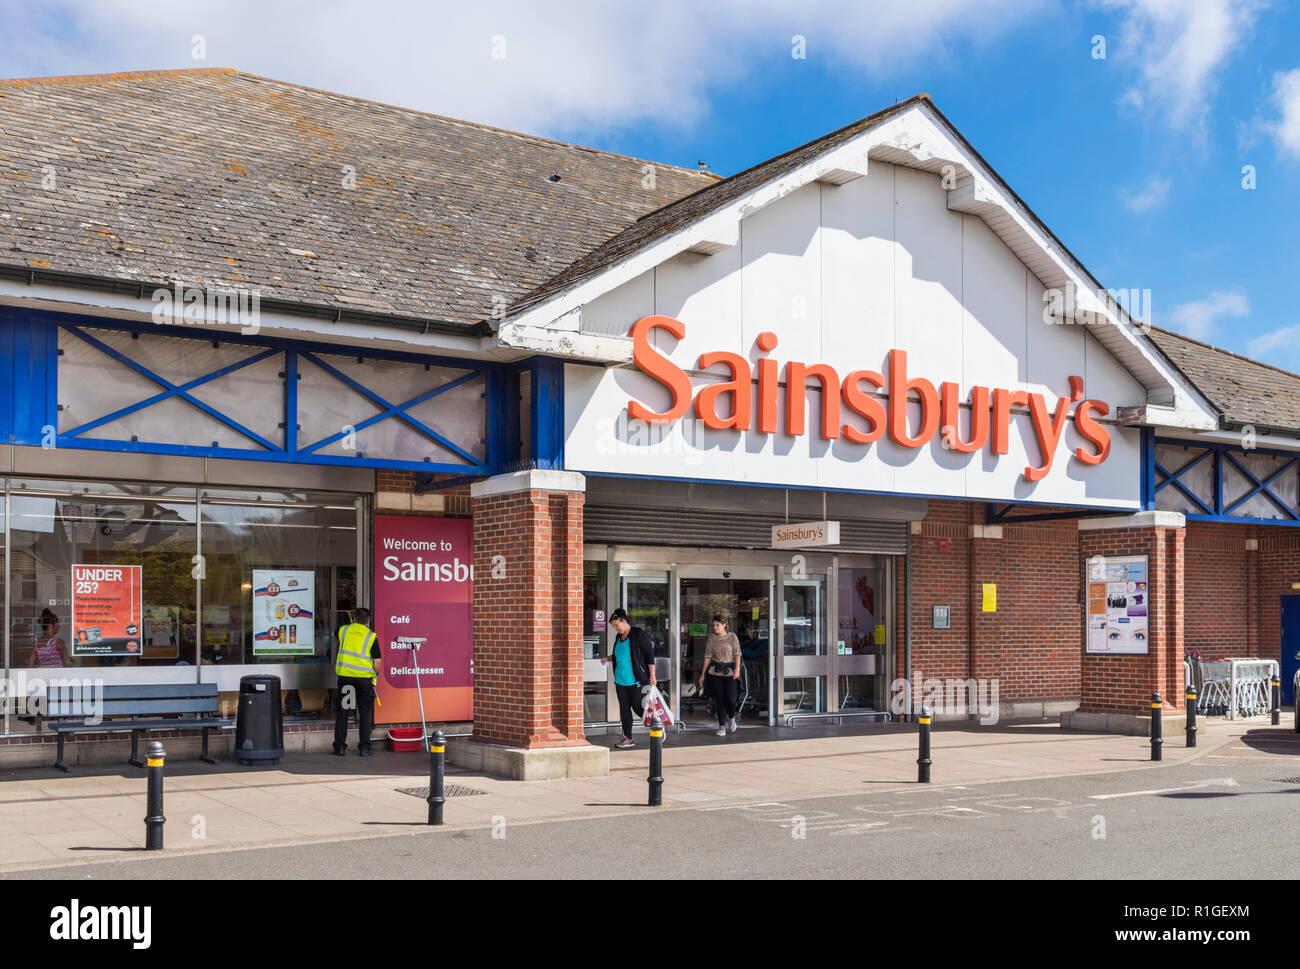 Sainsburys store exterior Sainsburys supermarket  with orange sainsburys sign outside logo Great Yarmouth Norfolk England UK GB Europe - Stock Image